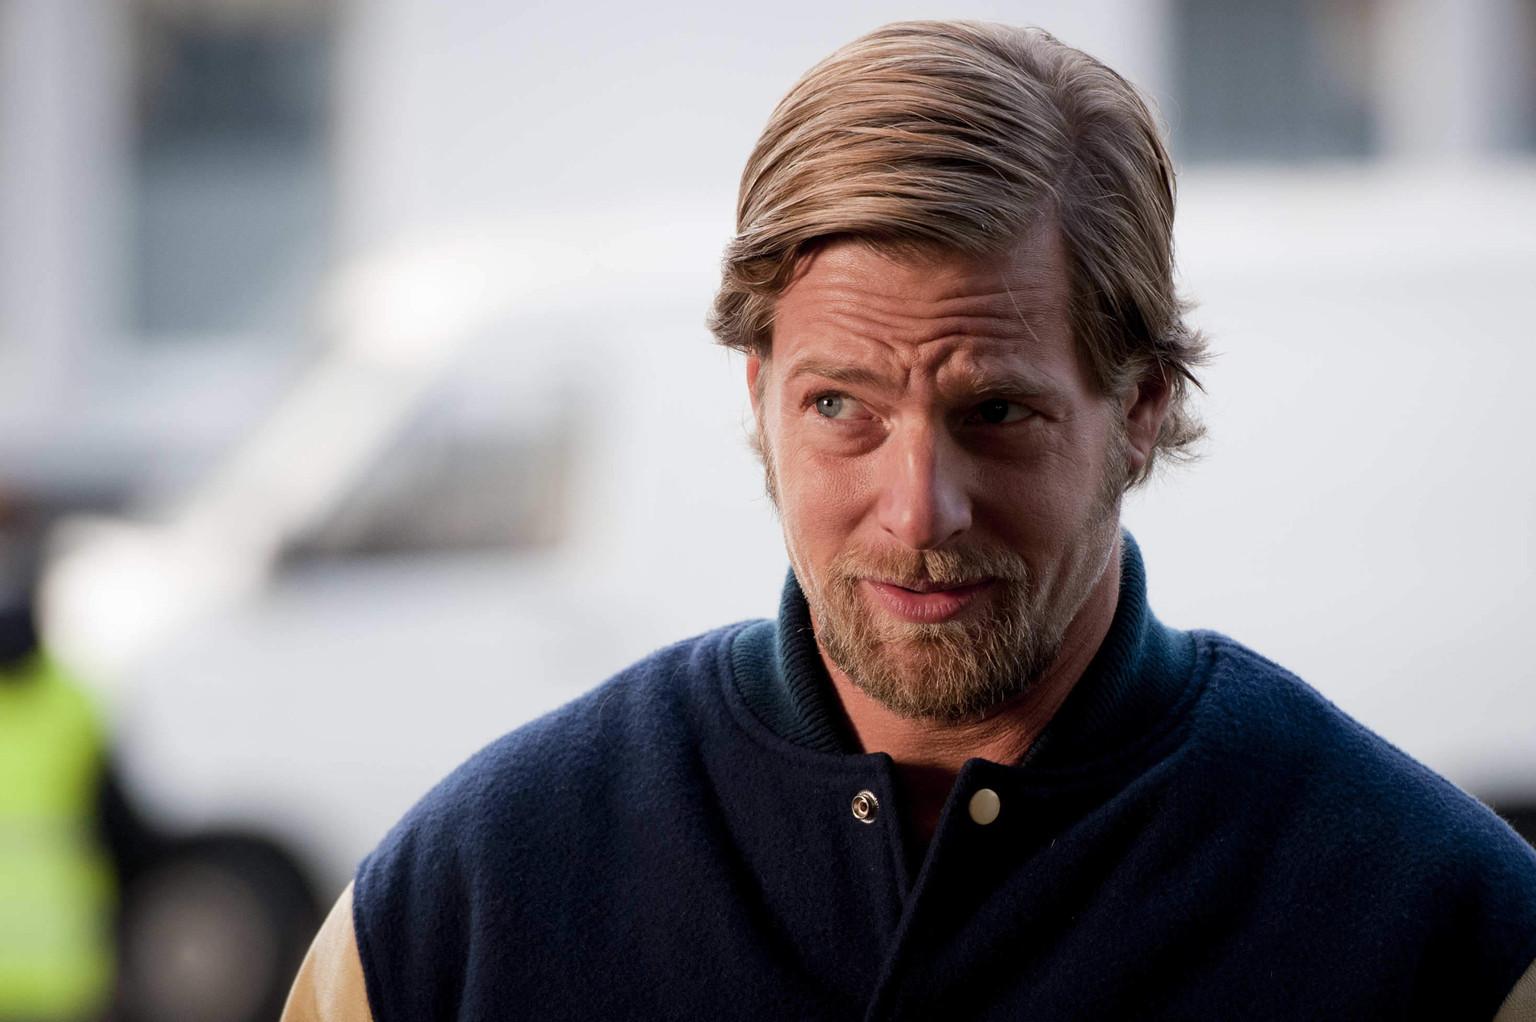 Mick (Henning Baum) ist der festen Überzeugung, dass erstens Benzin wirklich zu teuer ist und zweitens noch nie eine Protestaktion so sexy war, ... - 472dfdd2f029d9c214abb8943fec348c-original